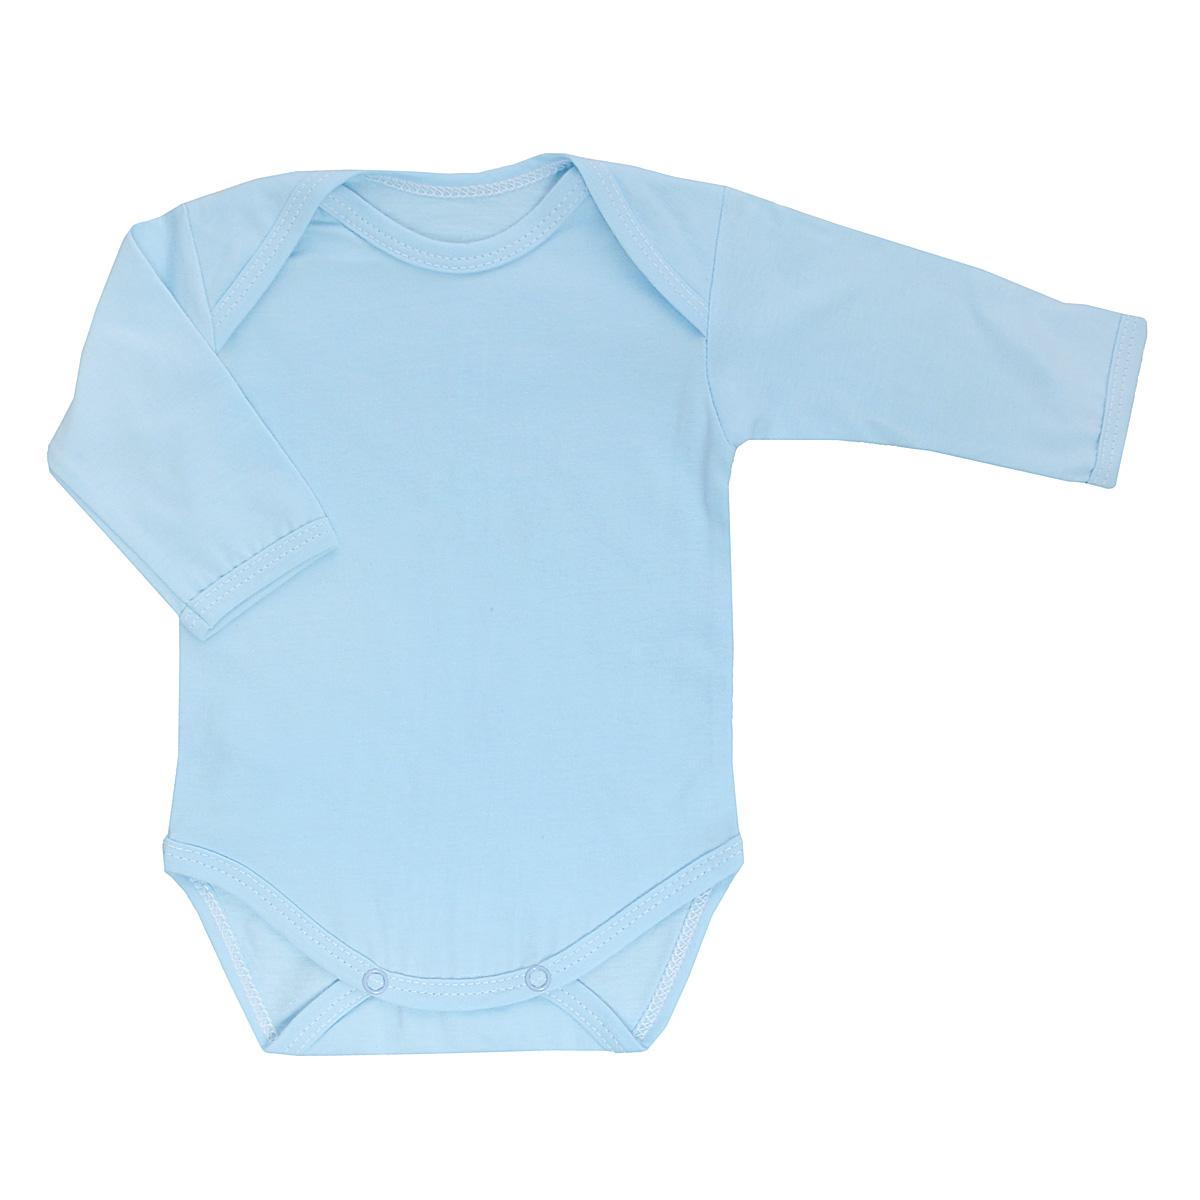 Боди детское Трон-Плюс, цвет: голубой. 5861. Размер 74, 9 месяцев5861Детское боди Трон-плюс с длинными рукавами послужит идеальным дополнением к гардеробу вашего ребенка, обеспечивая ему наибольший комфорт. Боди изготовлено из кулирного полотна -натурального хлопка, благодаря чему оно необычайно мягкое и легкое, не раздражает нежную кожу ребенка и хорошо вентилируется, а эластичные швы приятны телу младенца и не препятствуют его движениям. Удобные запахи на плечах и кнопки на ластовице помогают легко переодеть младенца или сменить подгузник. Боди полностью соответствует особенностям жизни ребенка в ранний период, не стесняя и не ограничивая его в движениях. В нем ваш ребенок всегда будет в центре внимания.